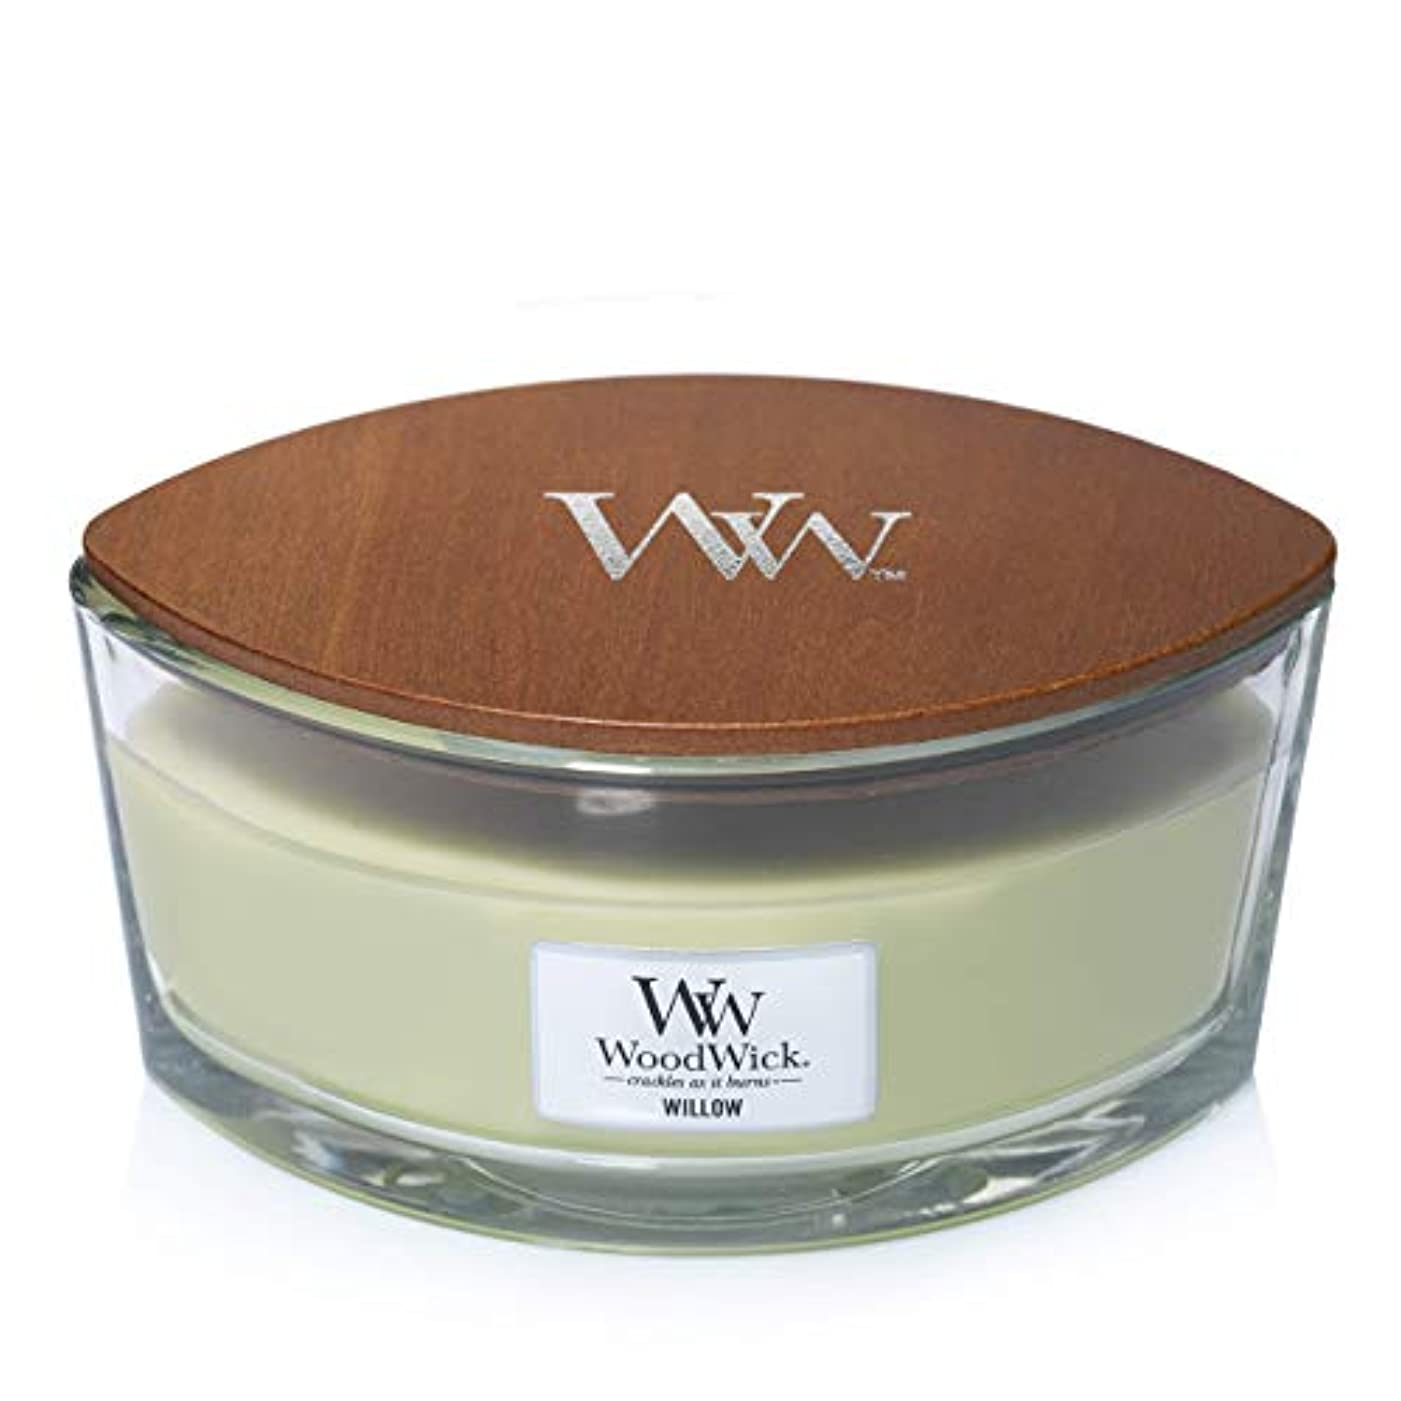 鹿お世話になった検証Woodwick Willow